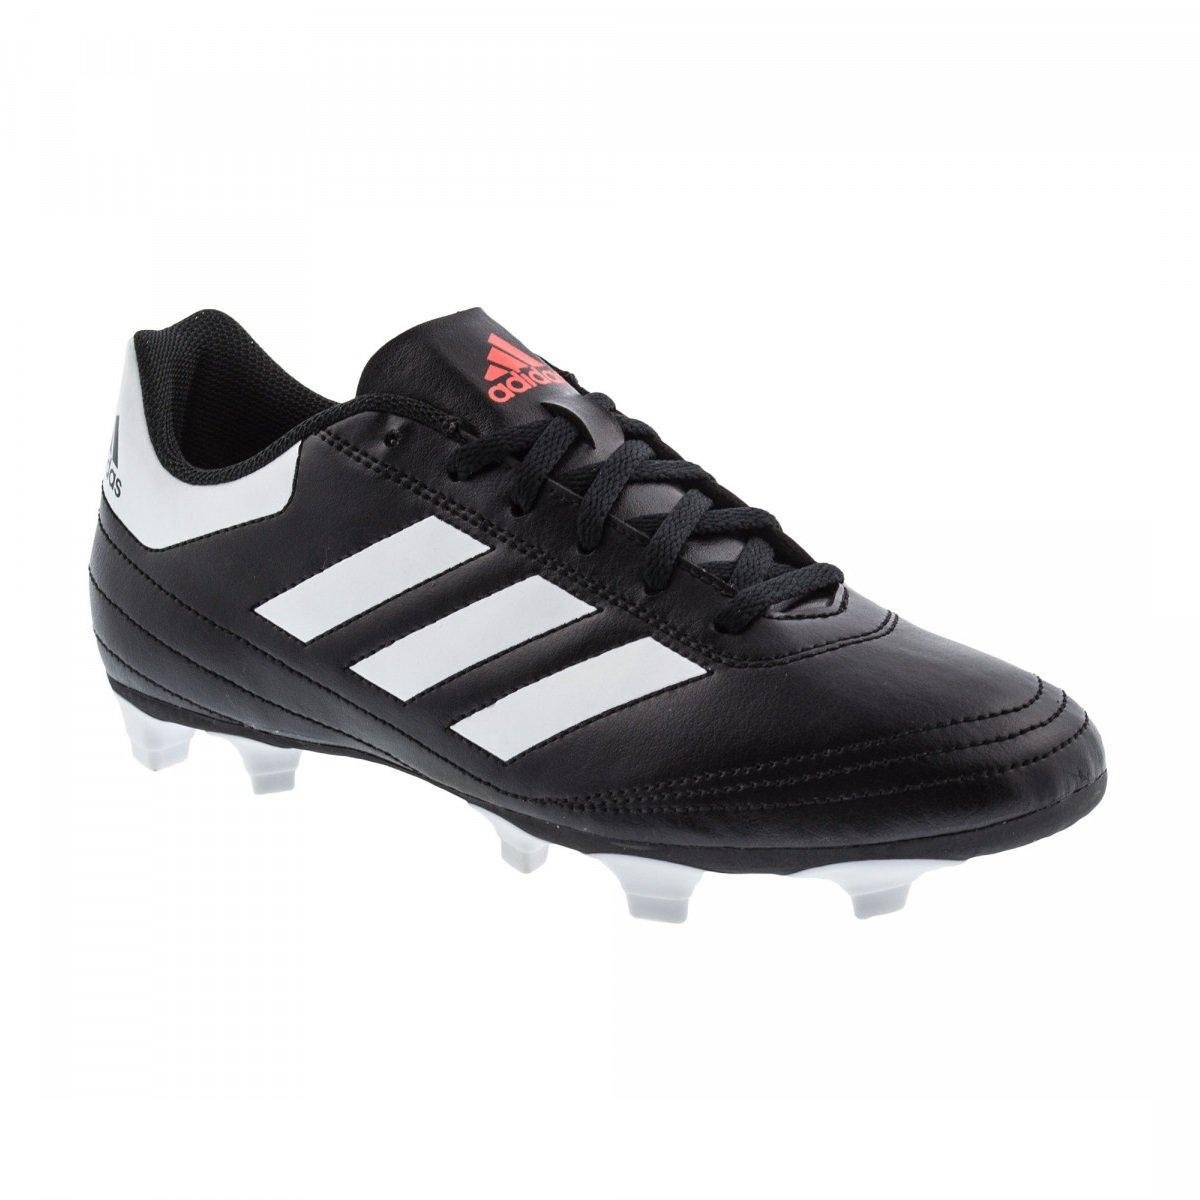 Chuteira Campo Adidas Goletto 6 FG AQ4281 - Preto Branco - Calçados ... 3d71f3f490328